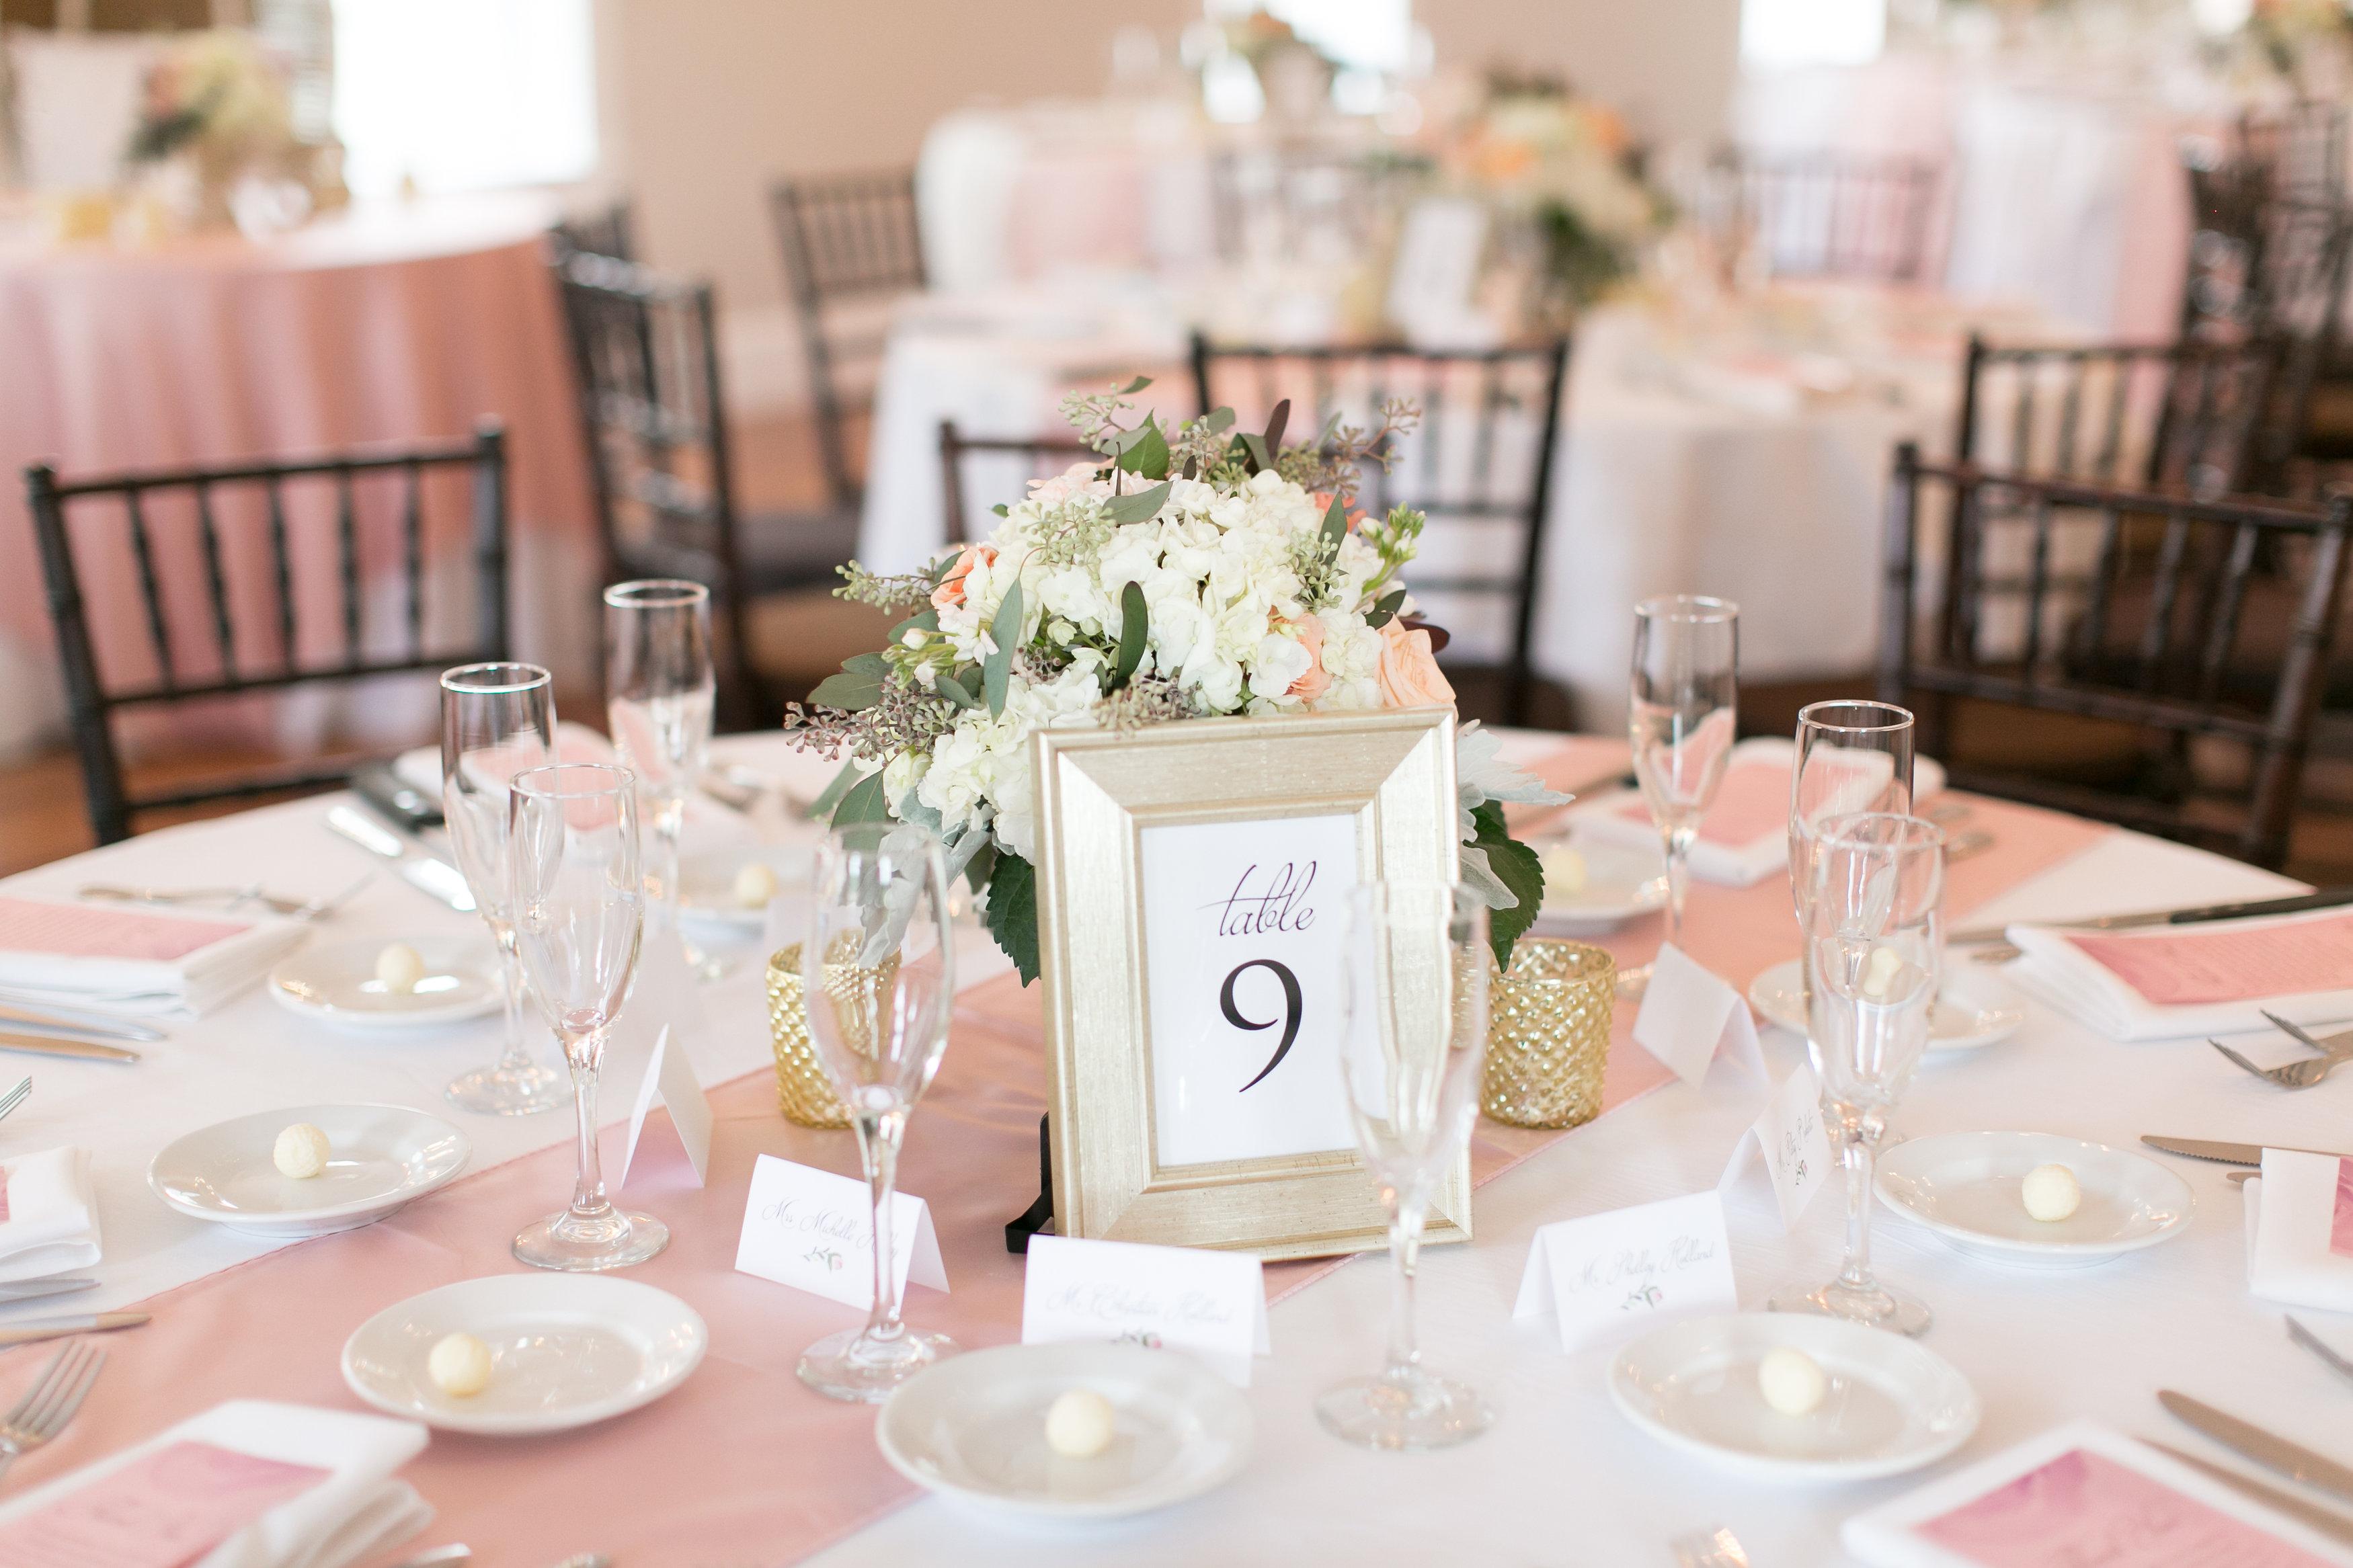 The-Villa-Blanca-Reception-Dinner-Tables